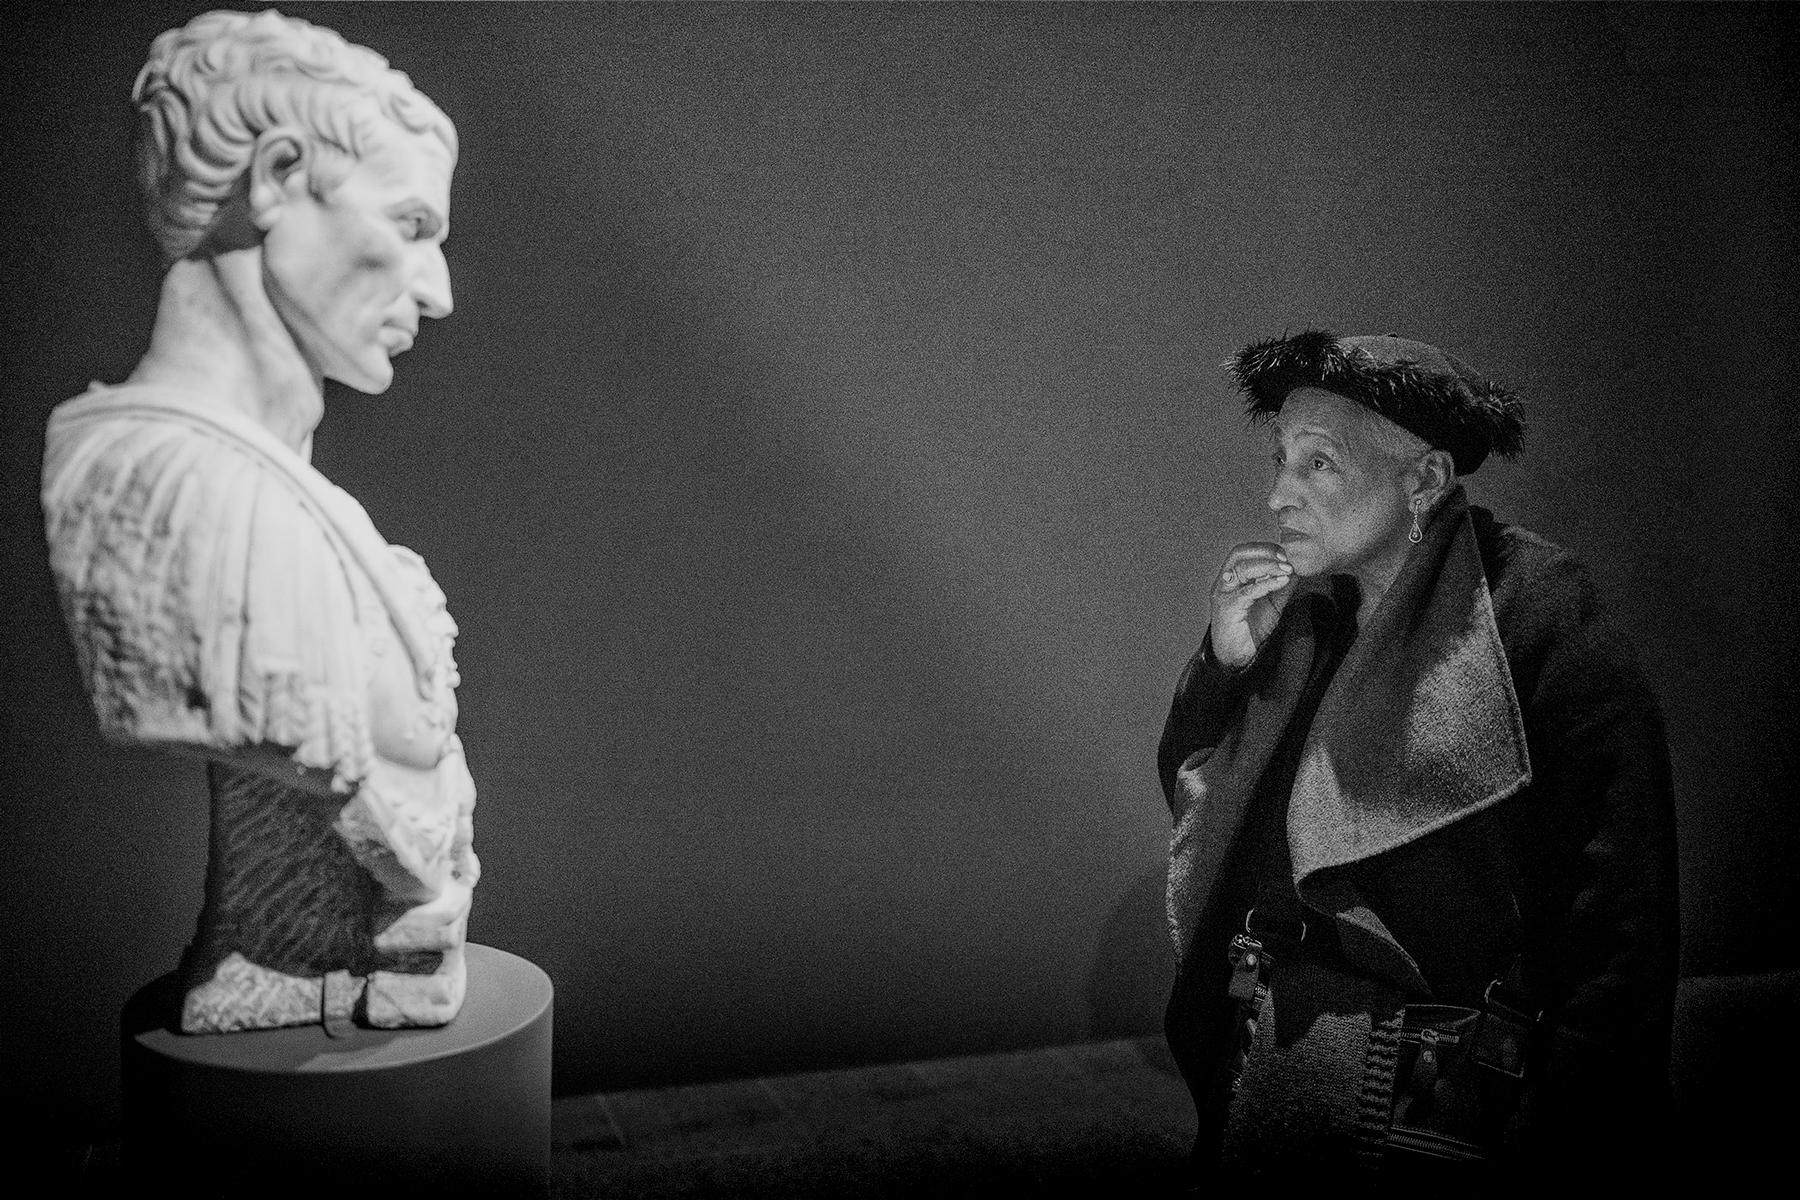 William-Bullard_Pictures-at-an-Exhibition2_Michelangelo-#1.jpg